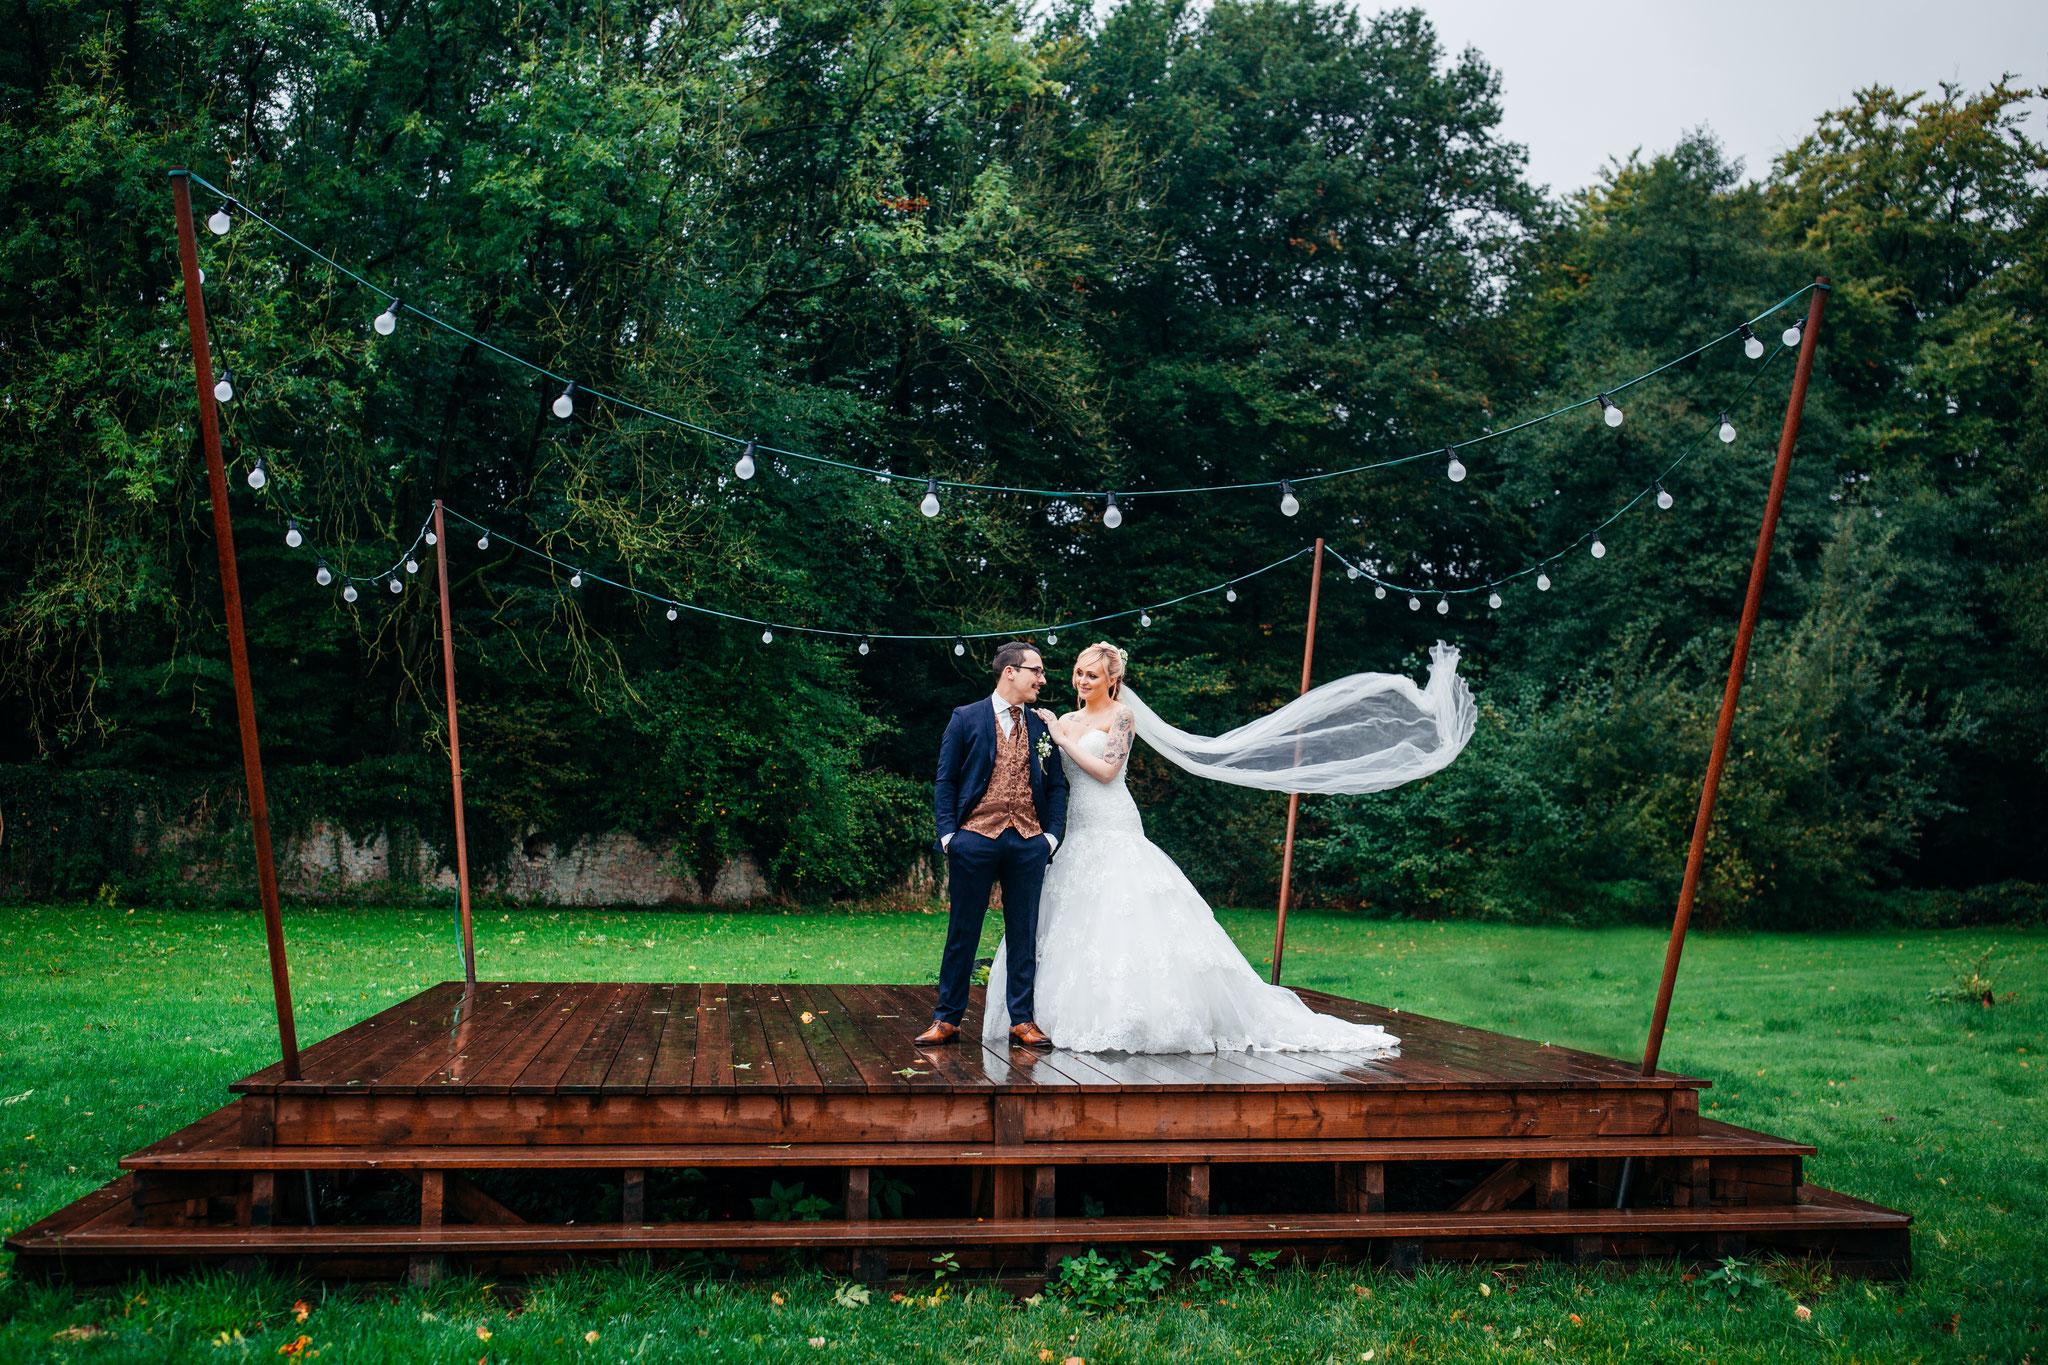 Vicky & Alex - Hochzeitsfotografen aus Bramsche